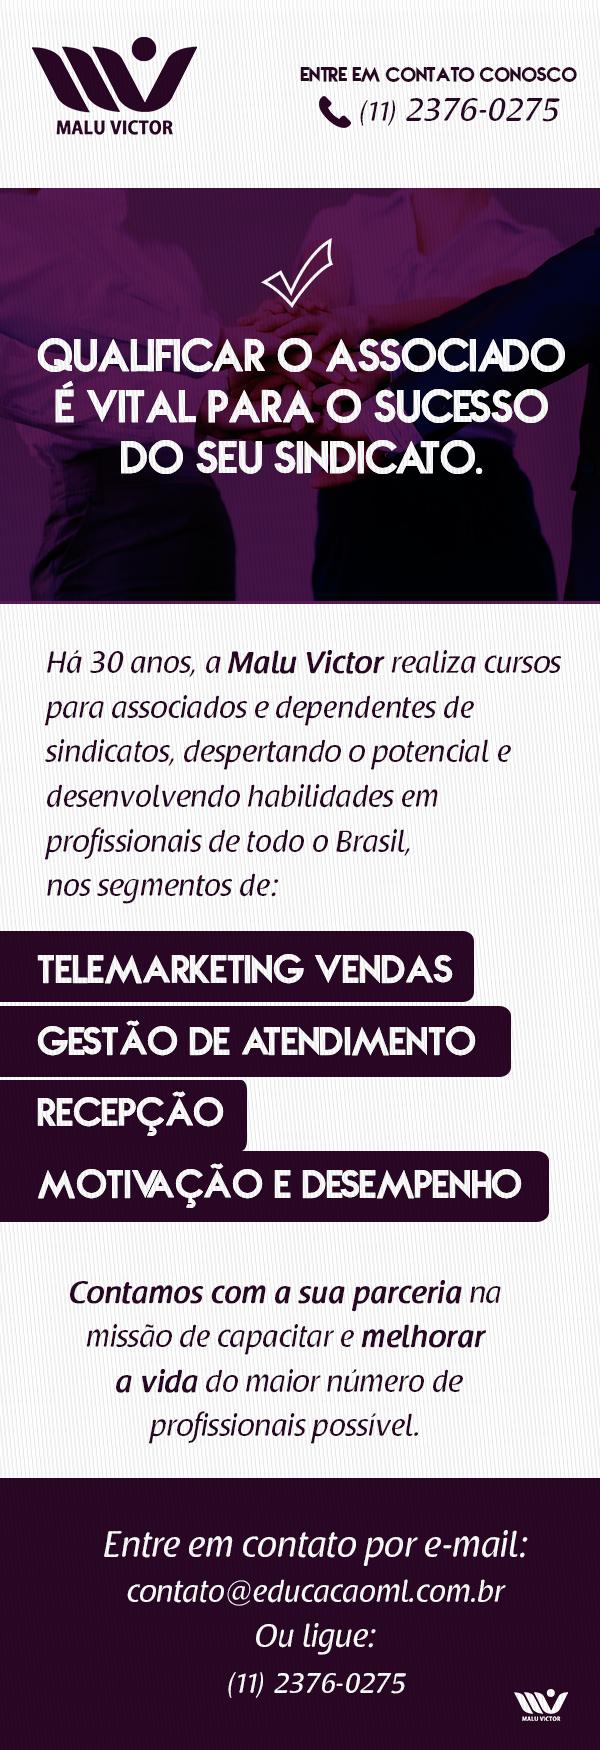 e-mail mkt design gráfico